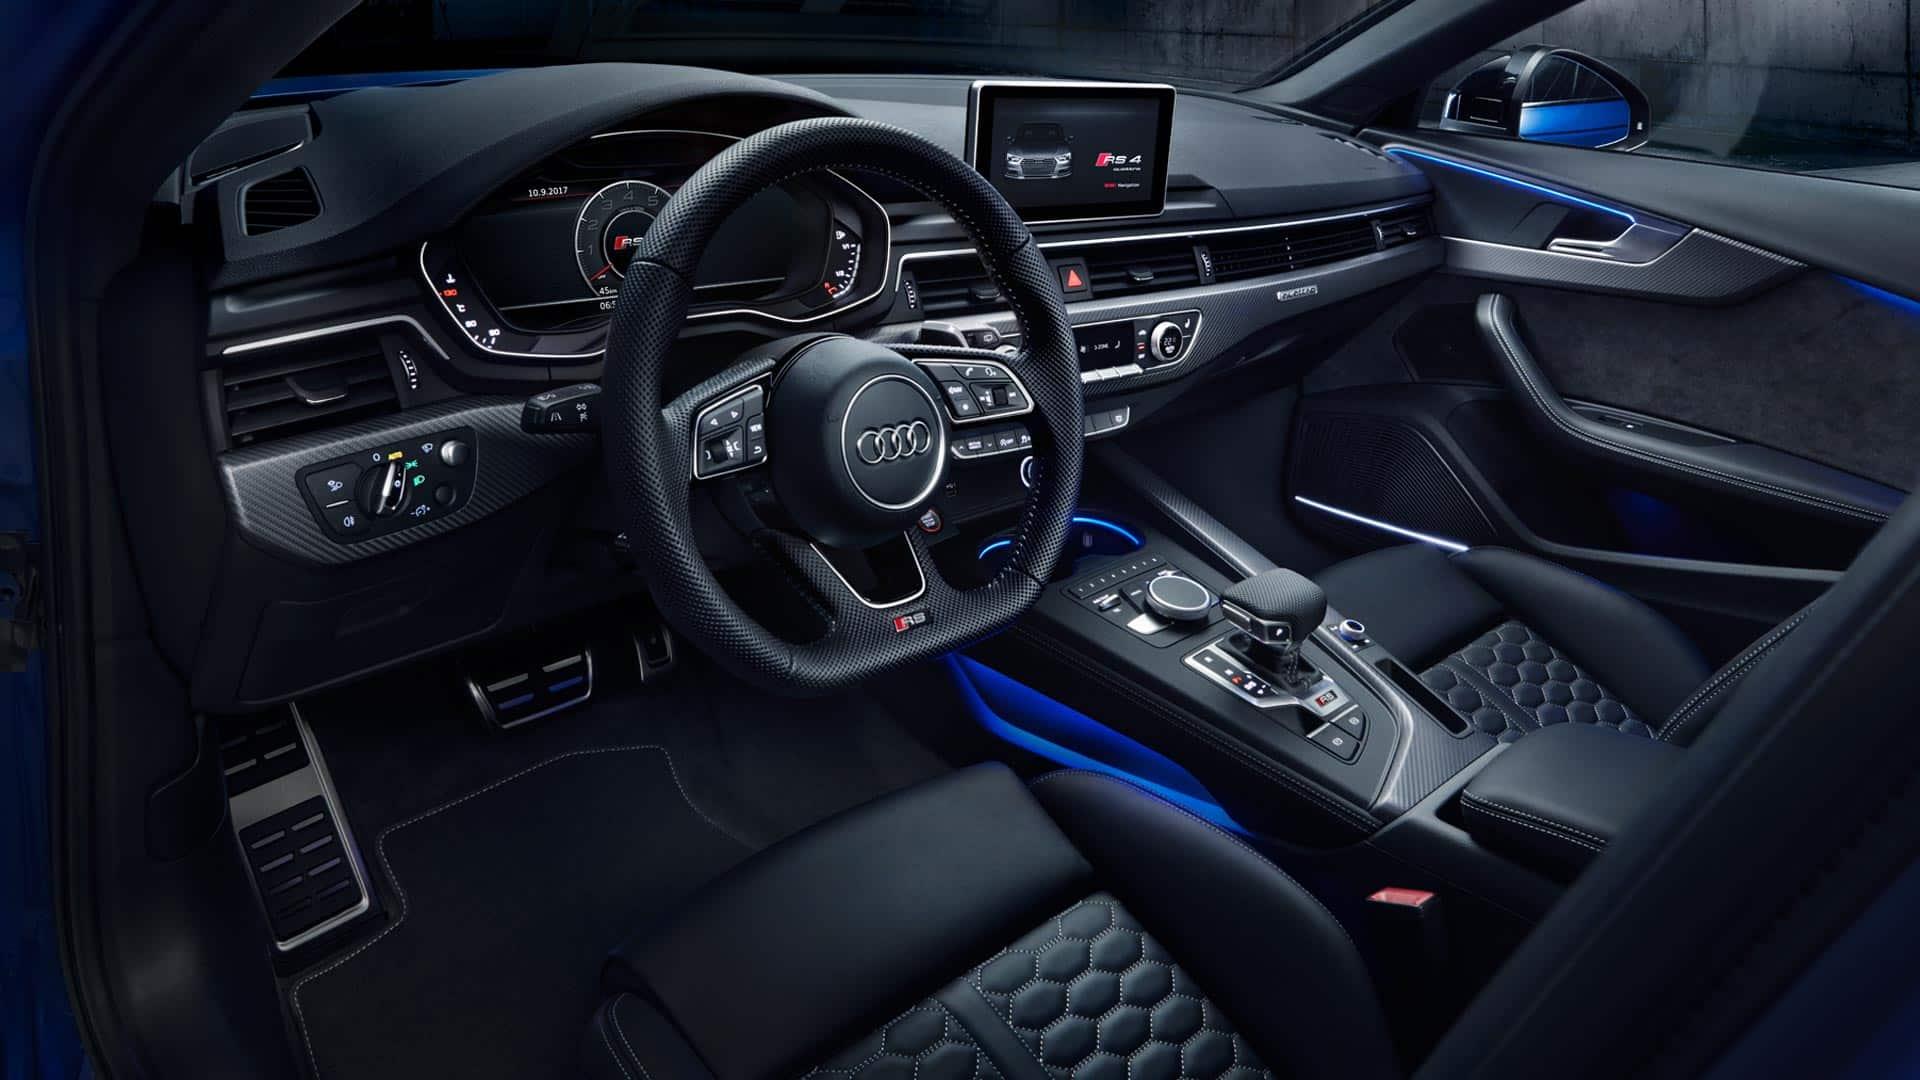 Rs 4 avant audi svizzera for Audi a6 avant interieur